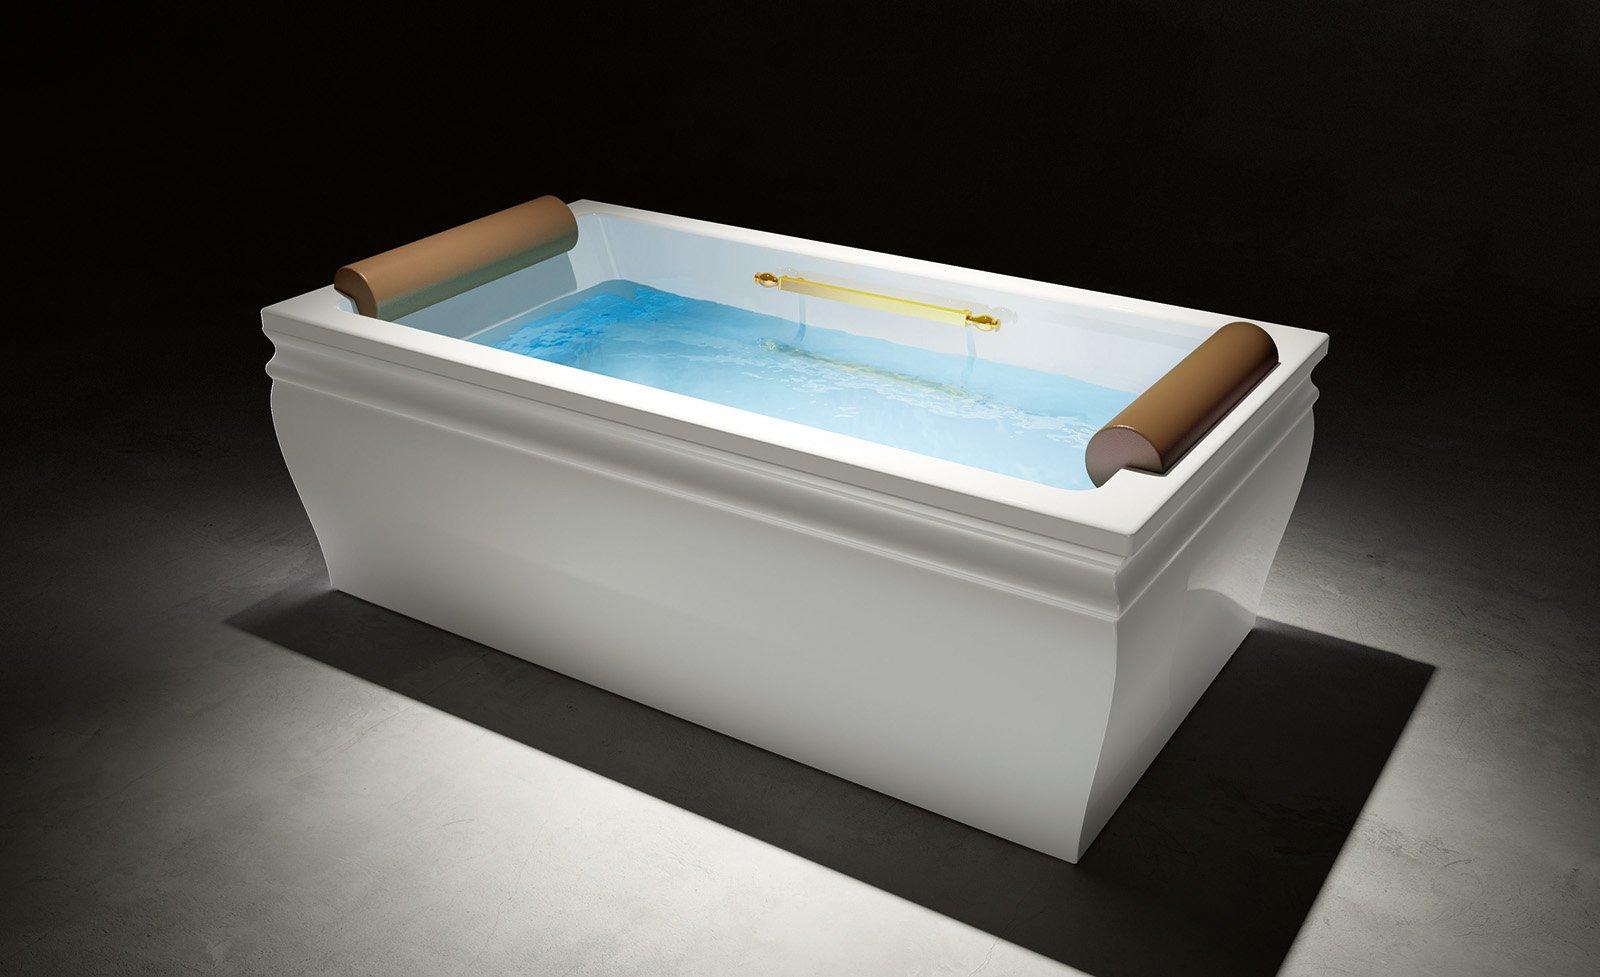 vasca da bagno con acqua azzurro